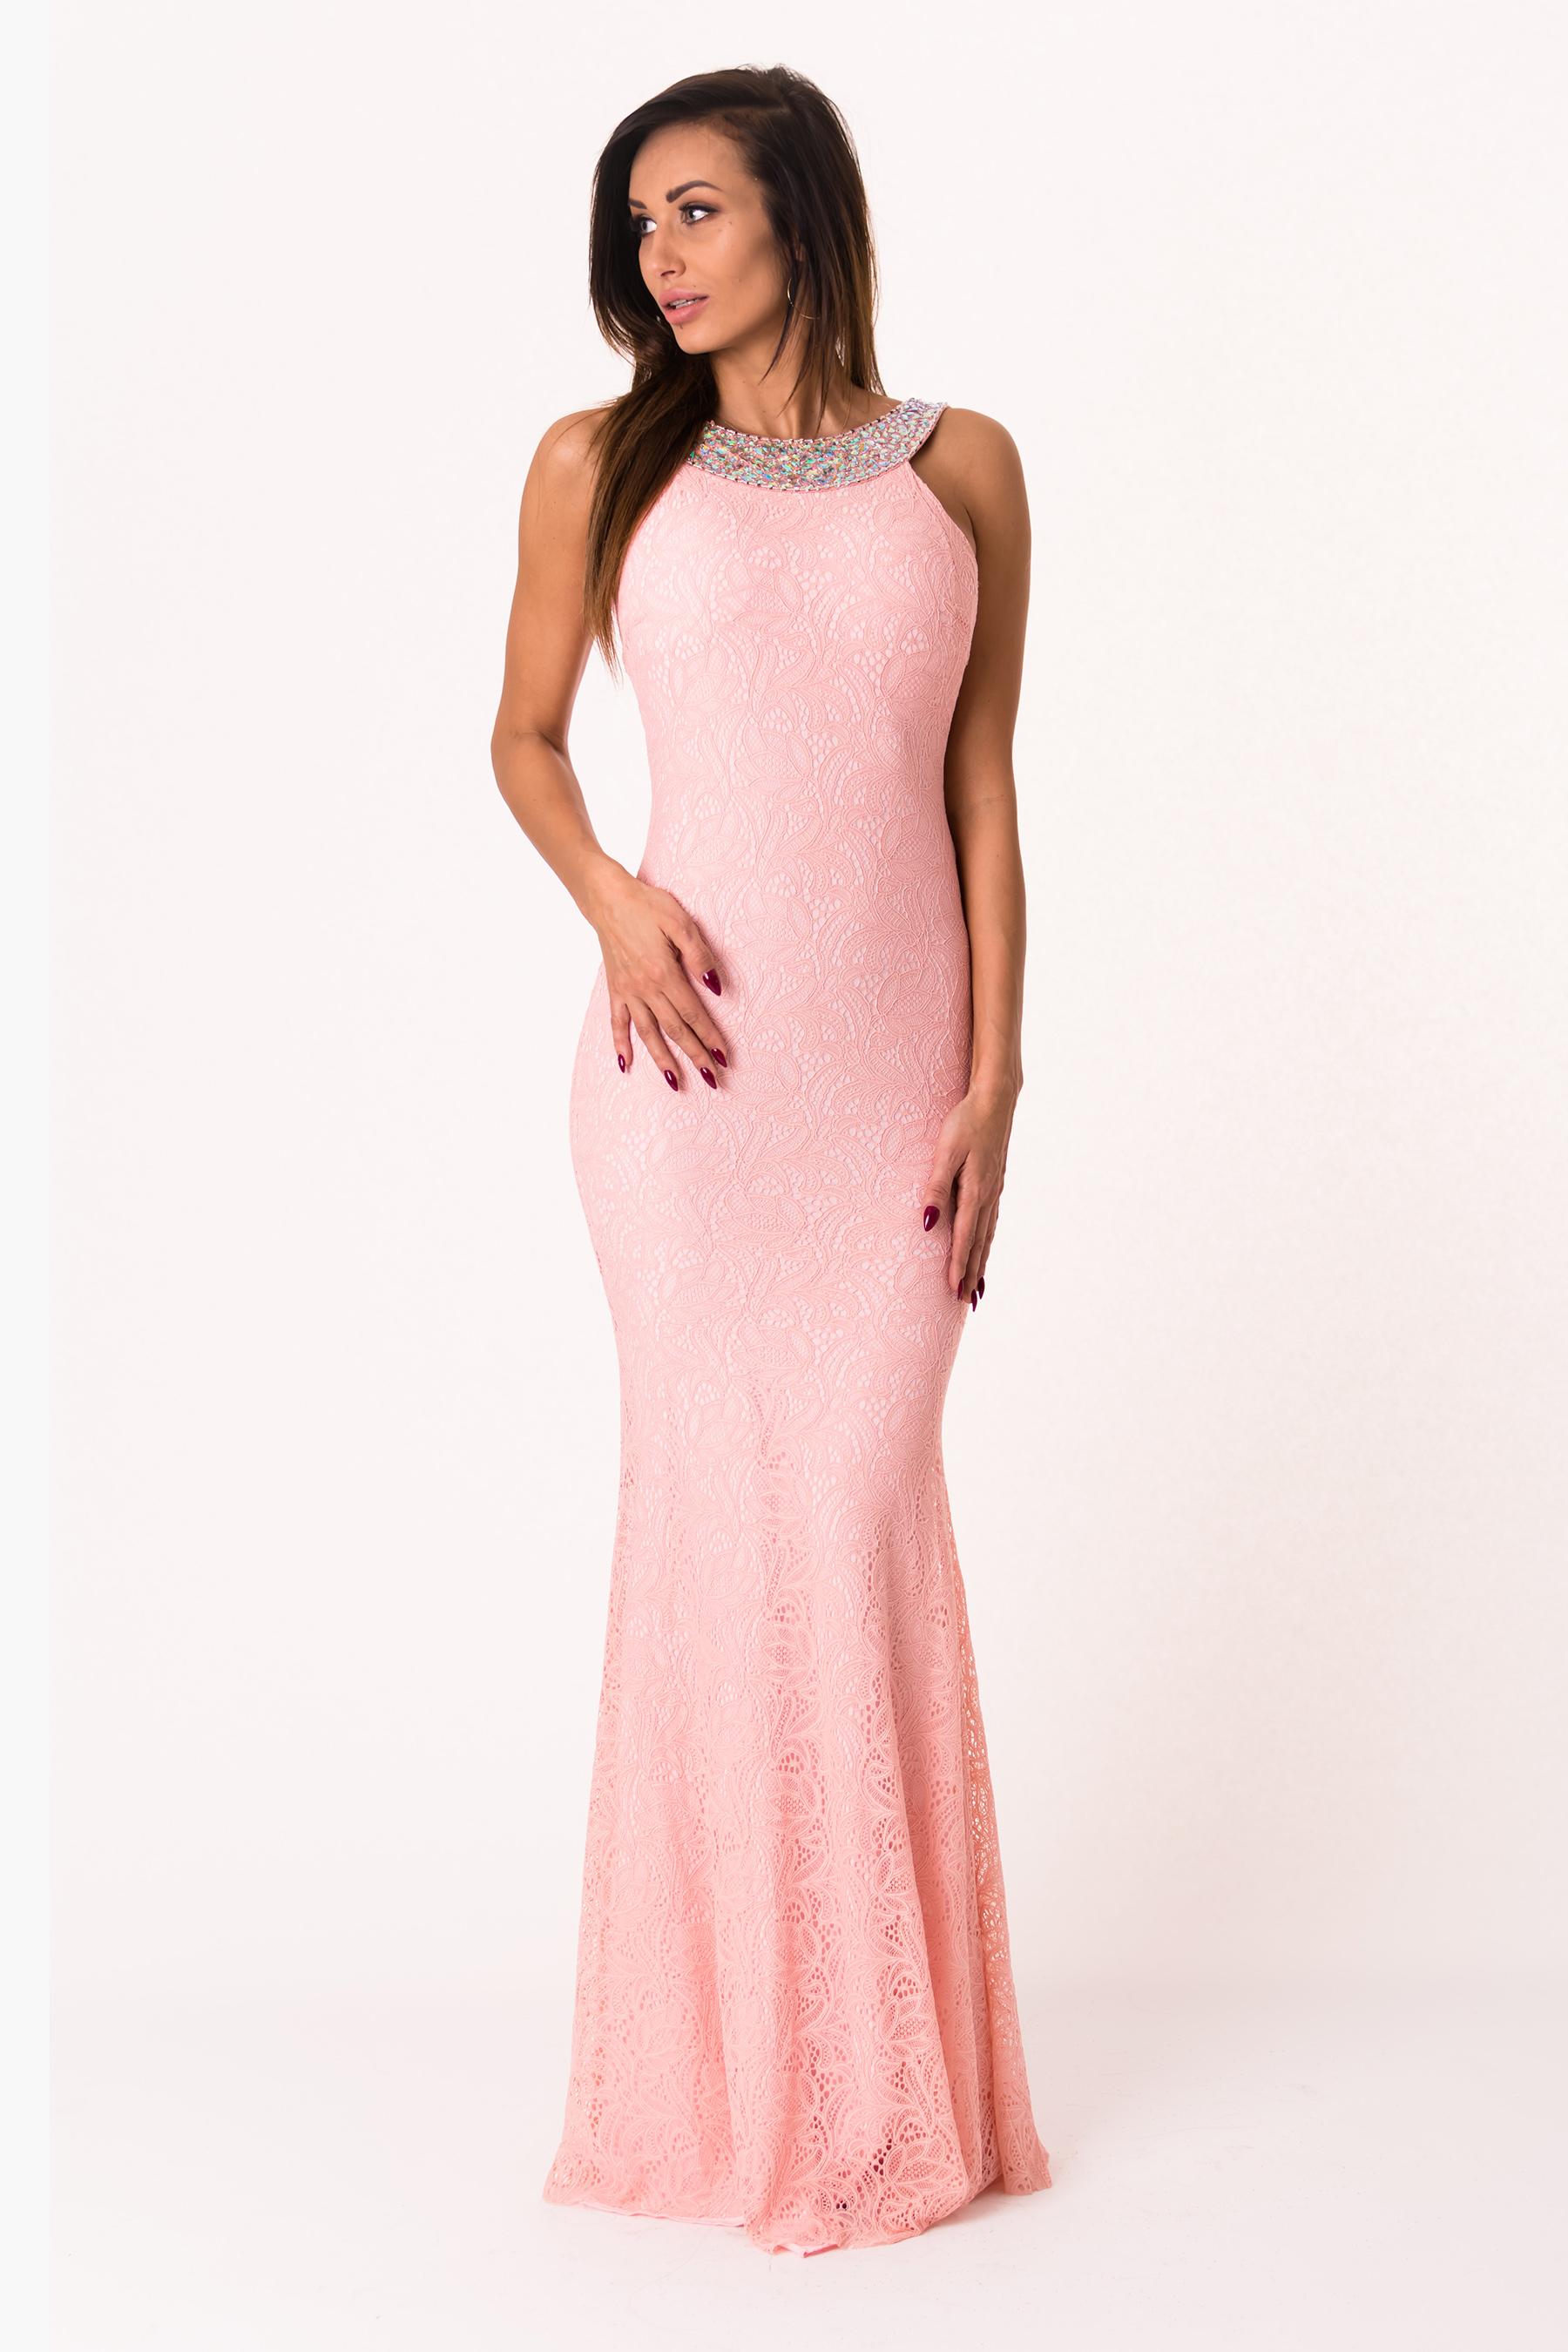 31926941afbd SOKY SOKA OBLEČENÍ světle růžová 46013-2 - Dresses - For females ...